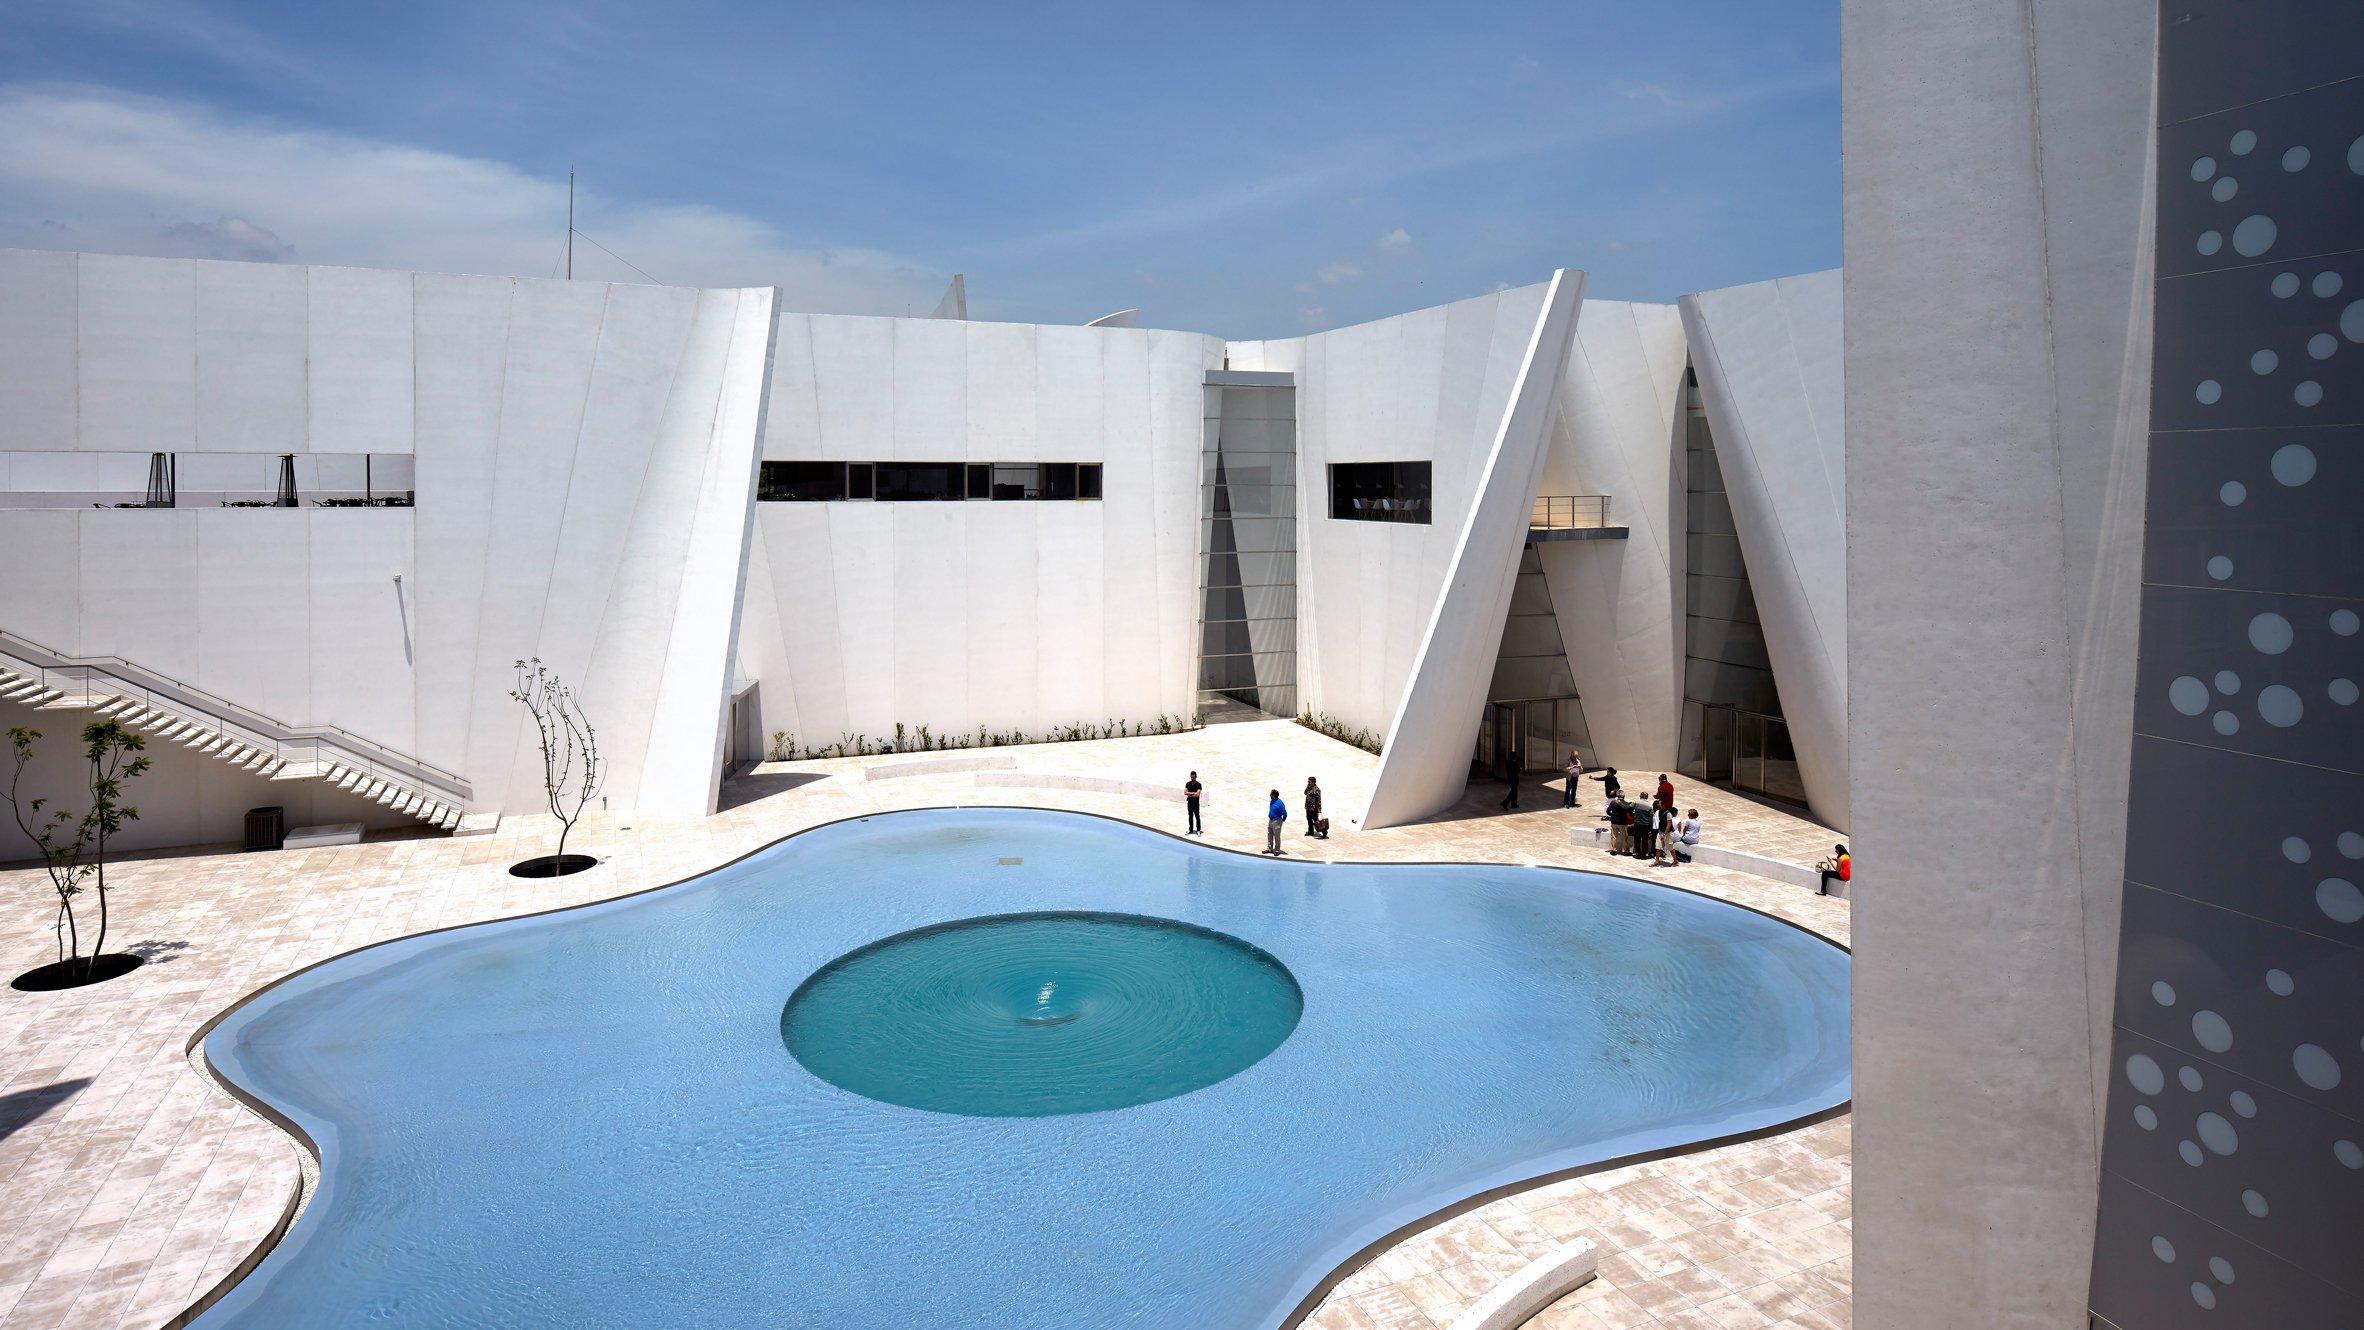 museo-internacional-del-barroco-cultural-architecture-museum-toyo-ito-peubla-mexico-architectural-photography-edmund-sumner_dezeen_hero